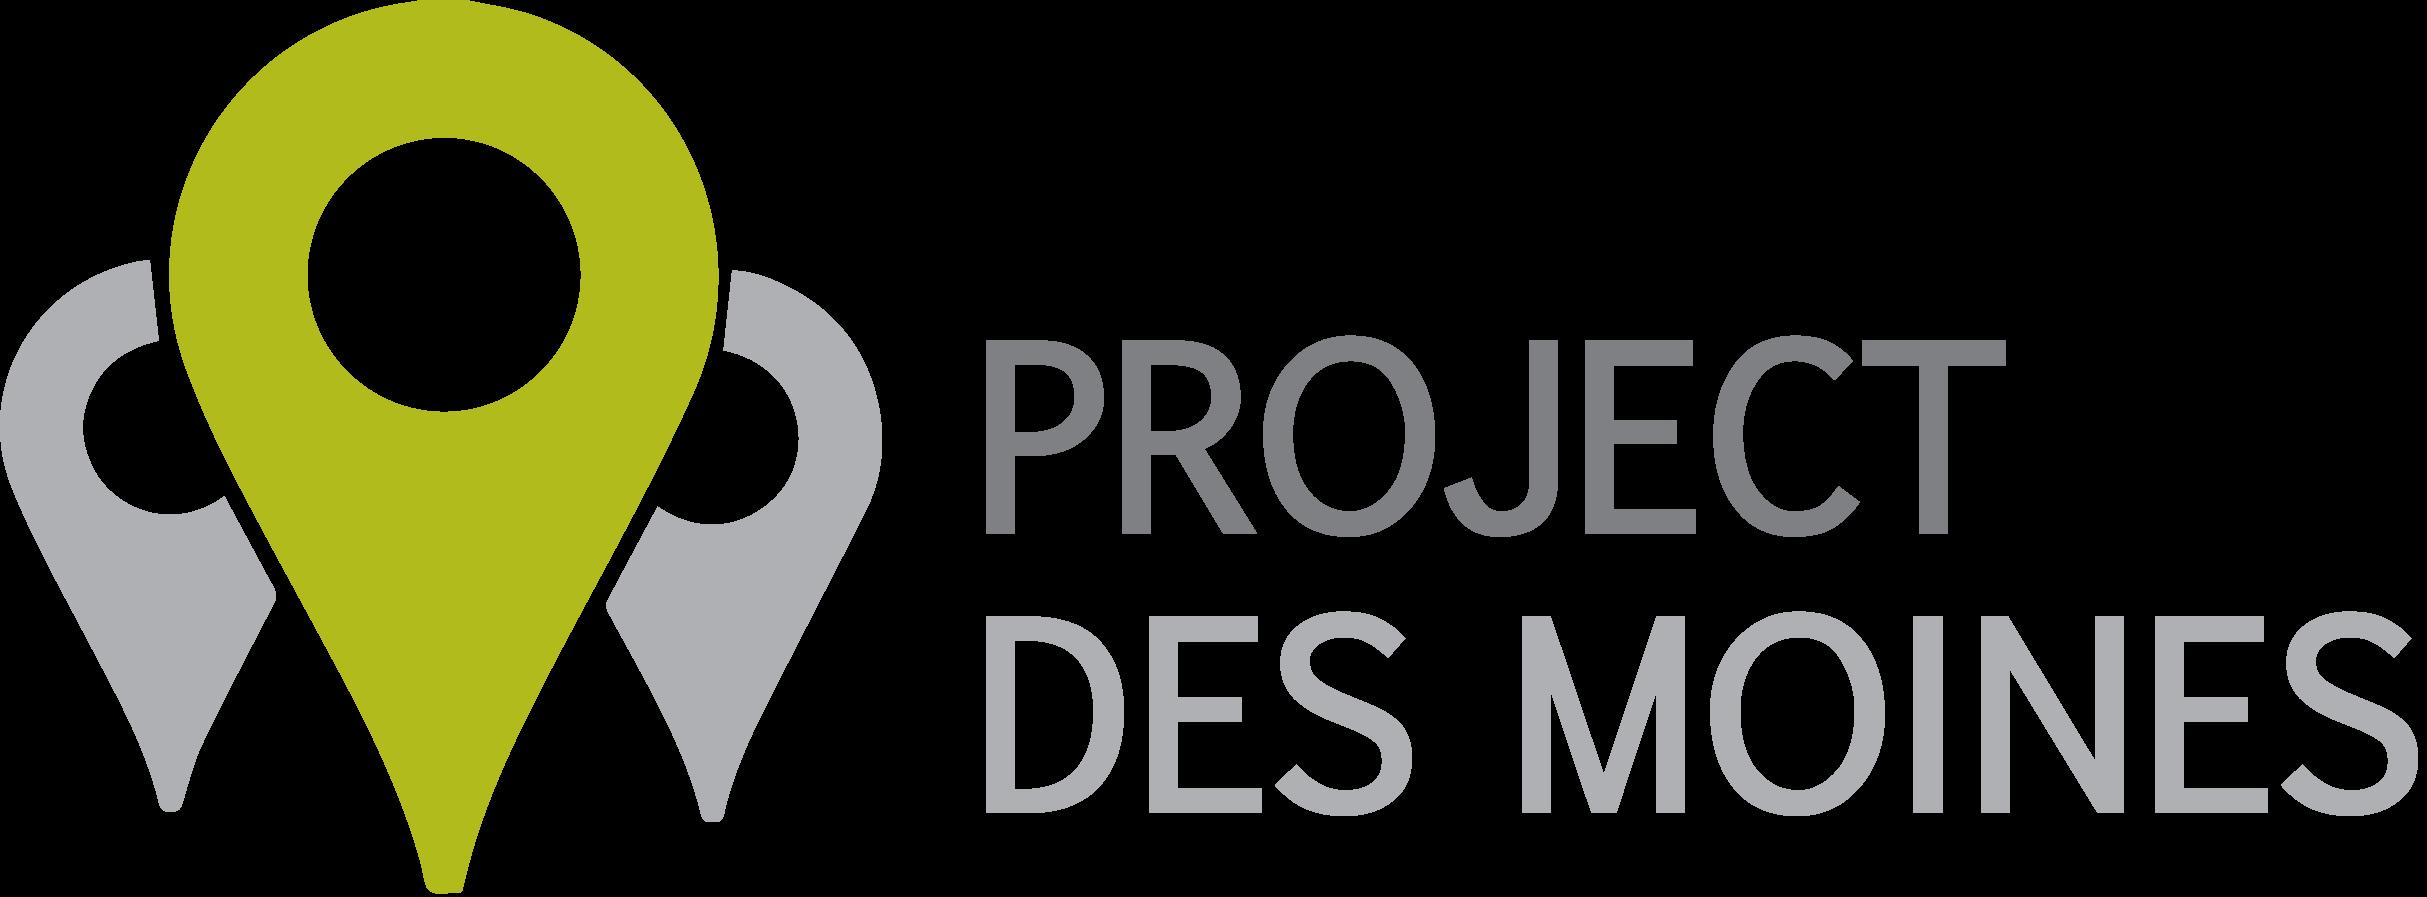 Project Des Moines